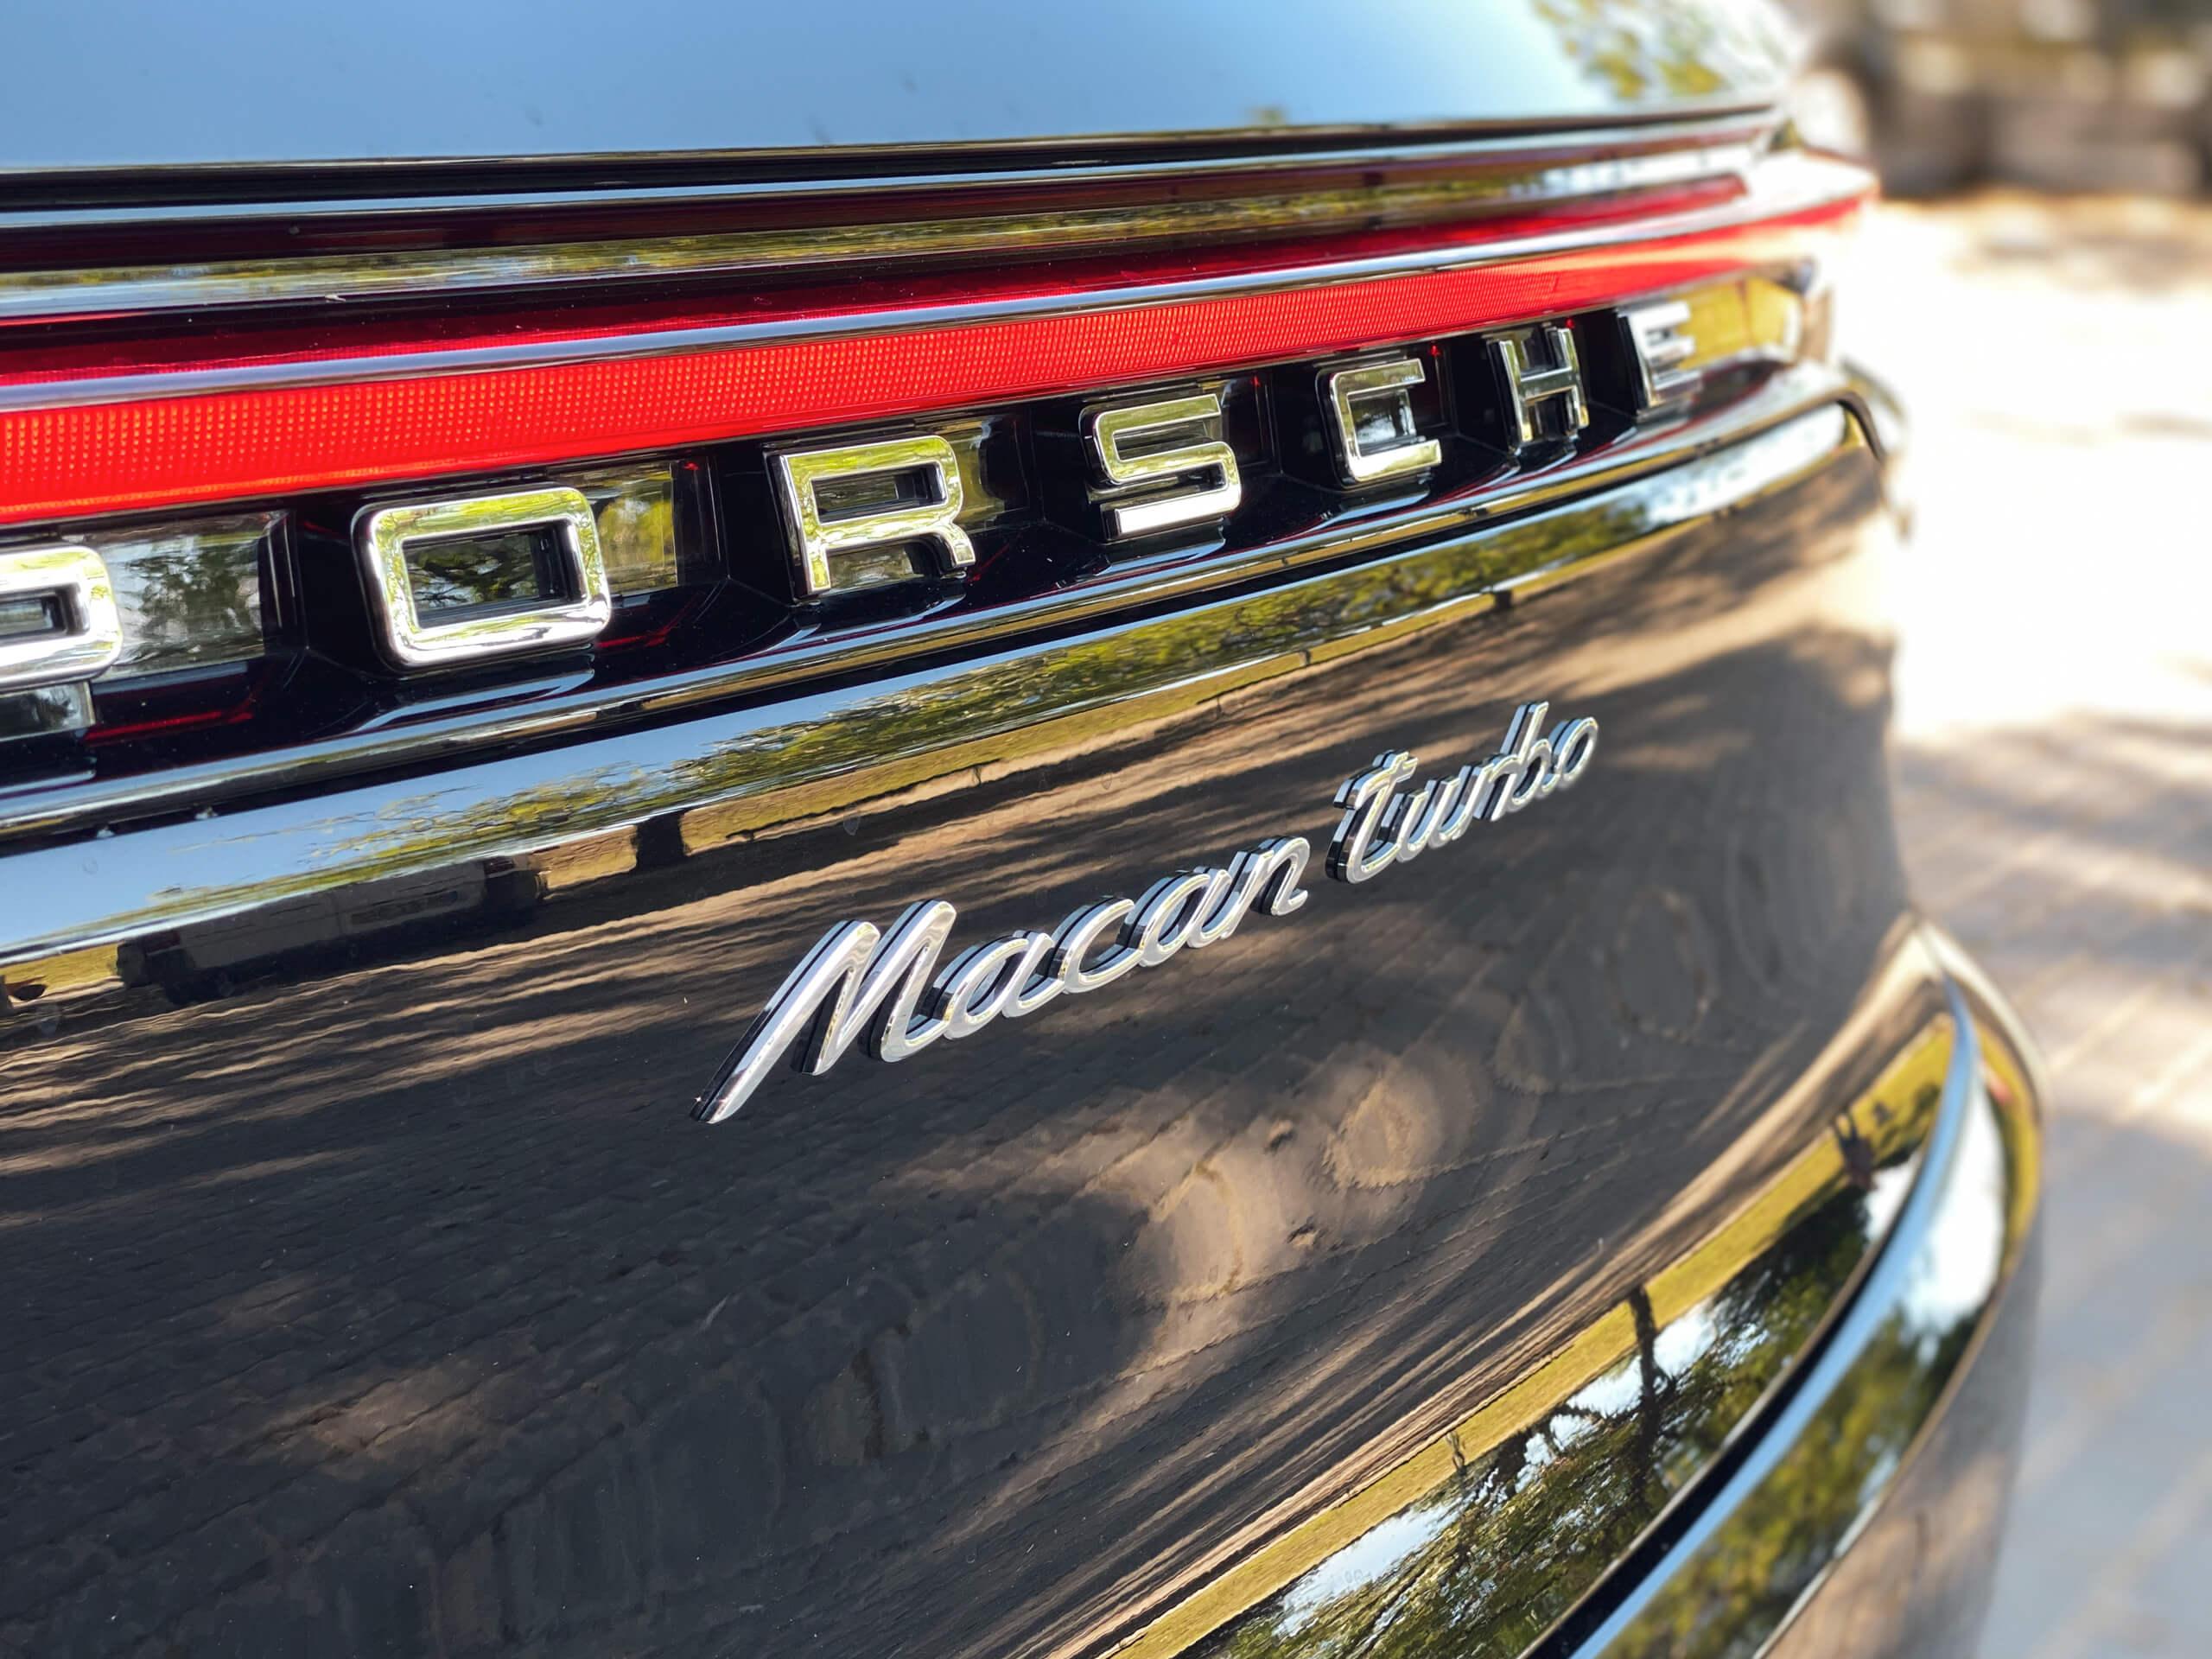 Identificação da marca e modelo no Porsche Macan Turbo